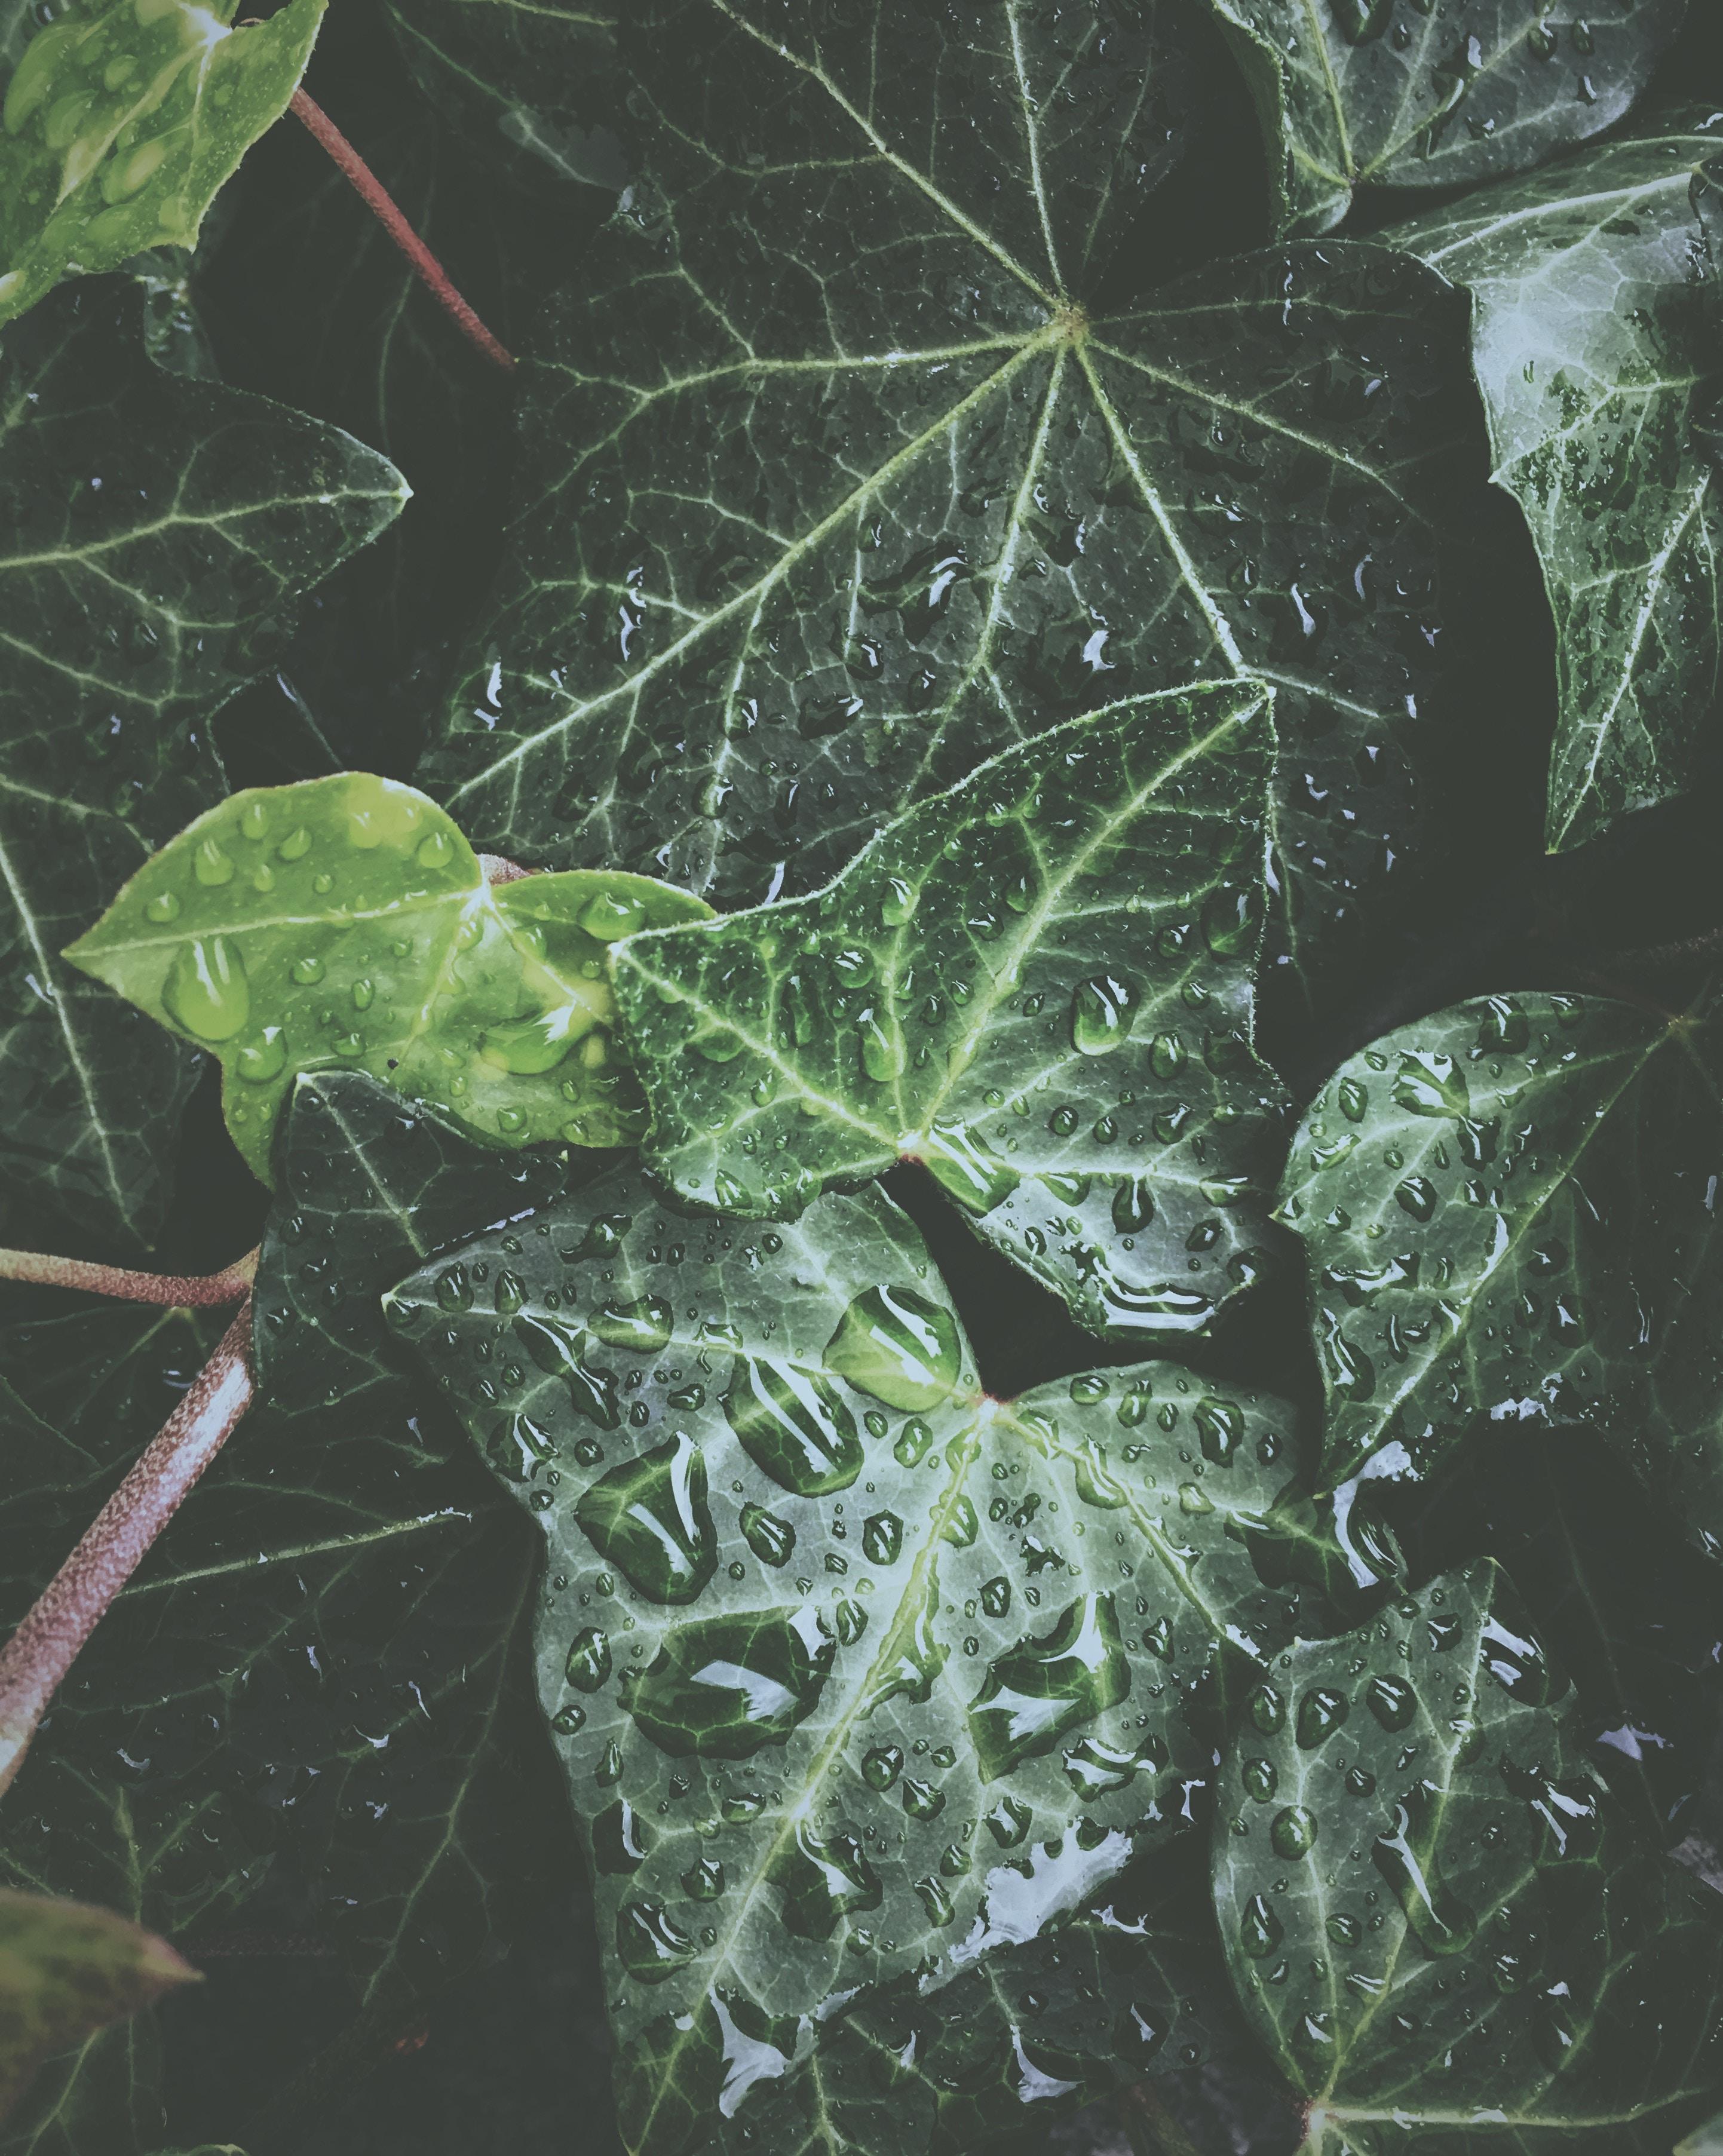 76327 скачать обои Вода, Листья, Капли, Растение, Макро, Поверхность, Роса, Экзотический, Глянцевый - заставки и картинки бесплатно